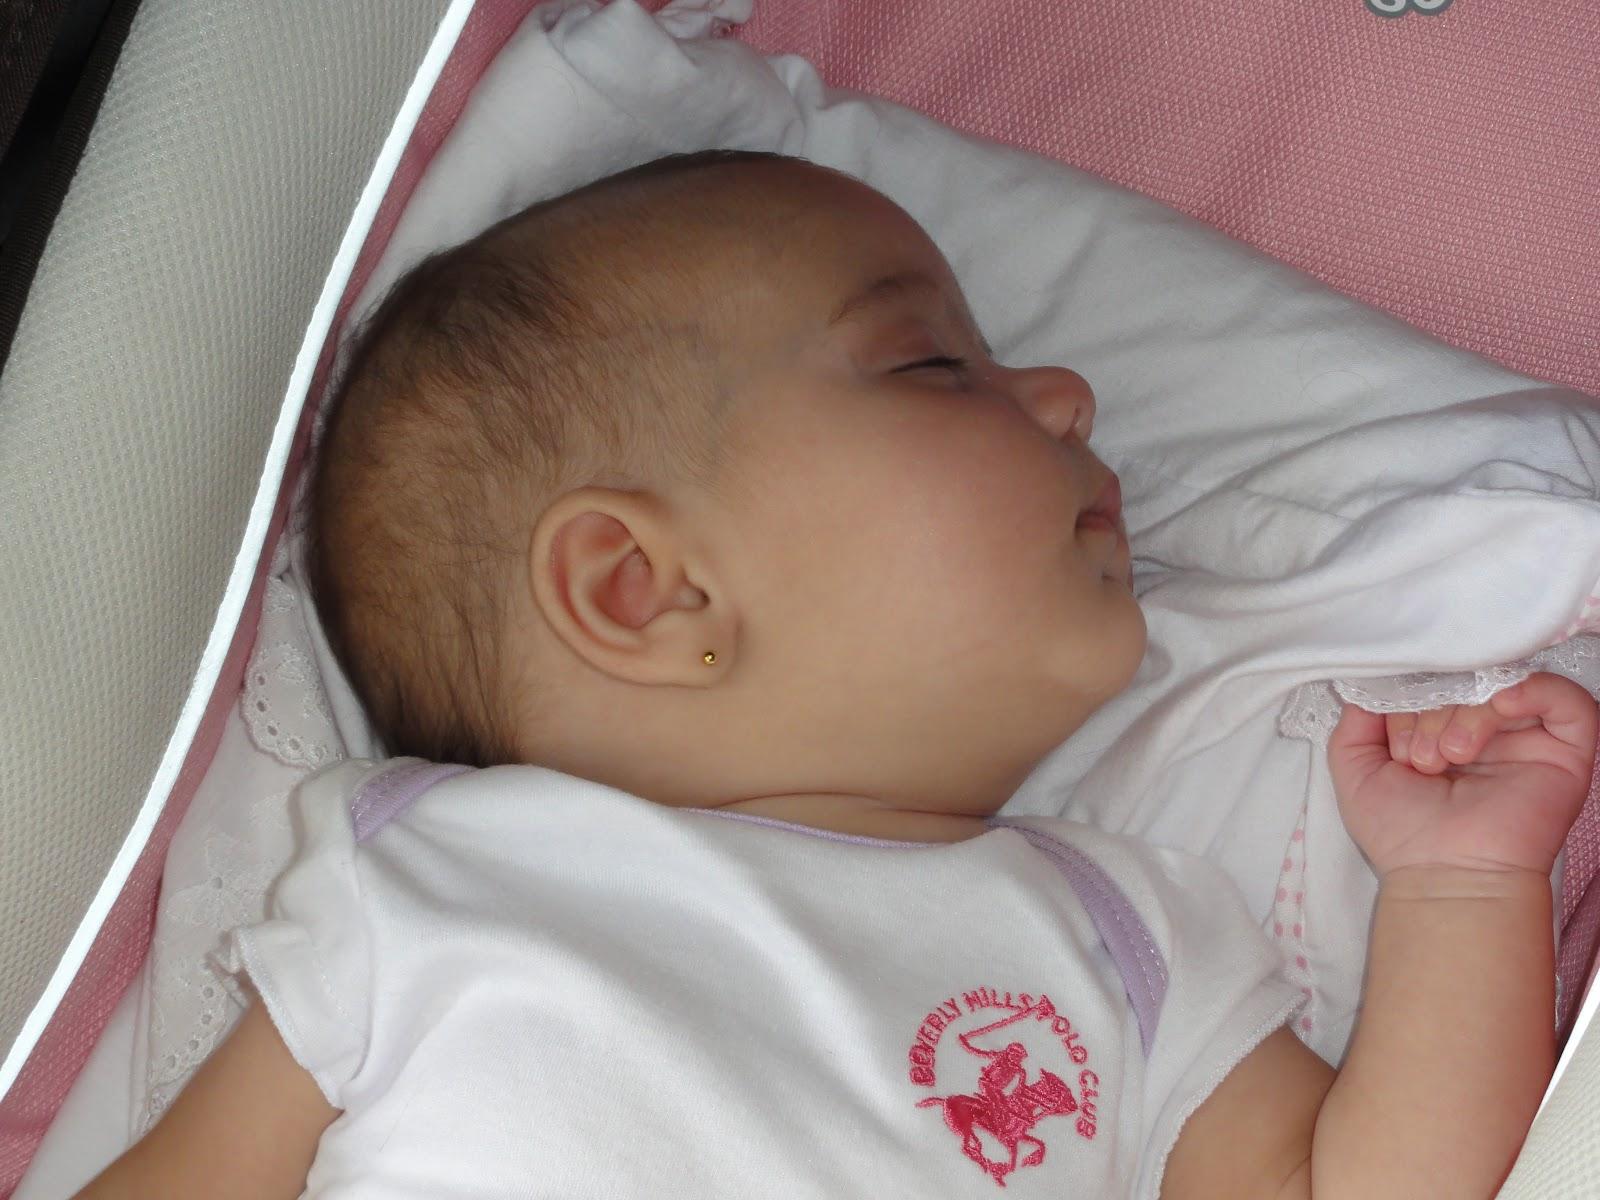 Muitas vezes Como esticar as sonecas do bebê : ᐅ Mil dicas de mãe VY14